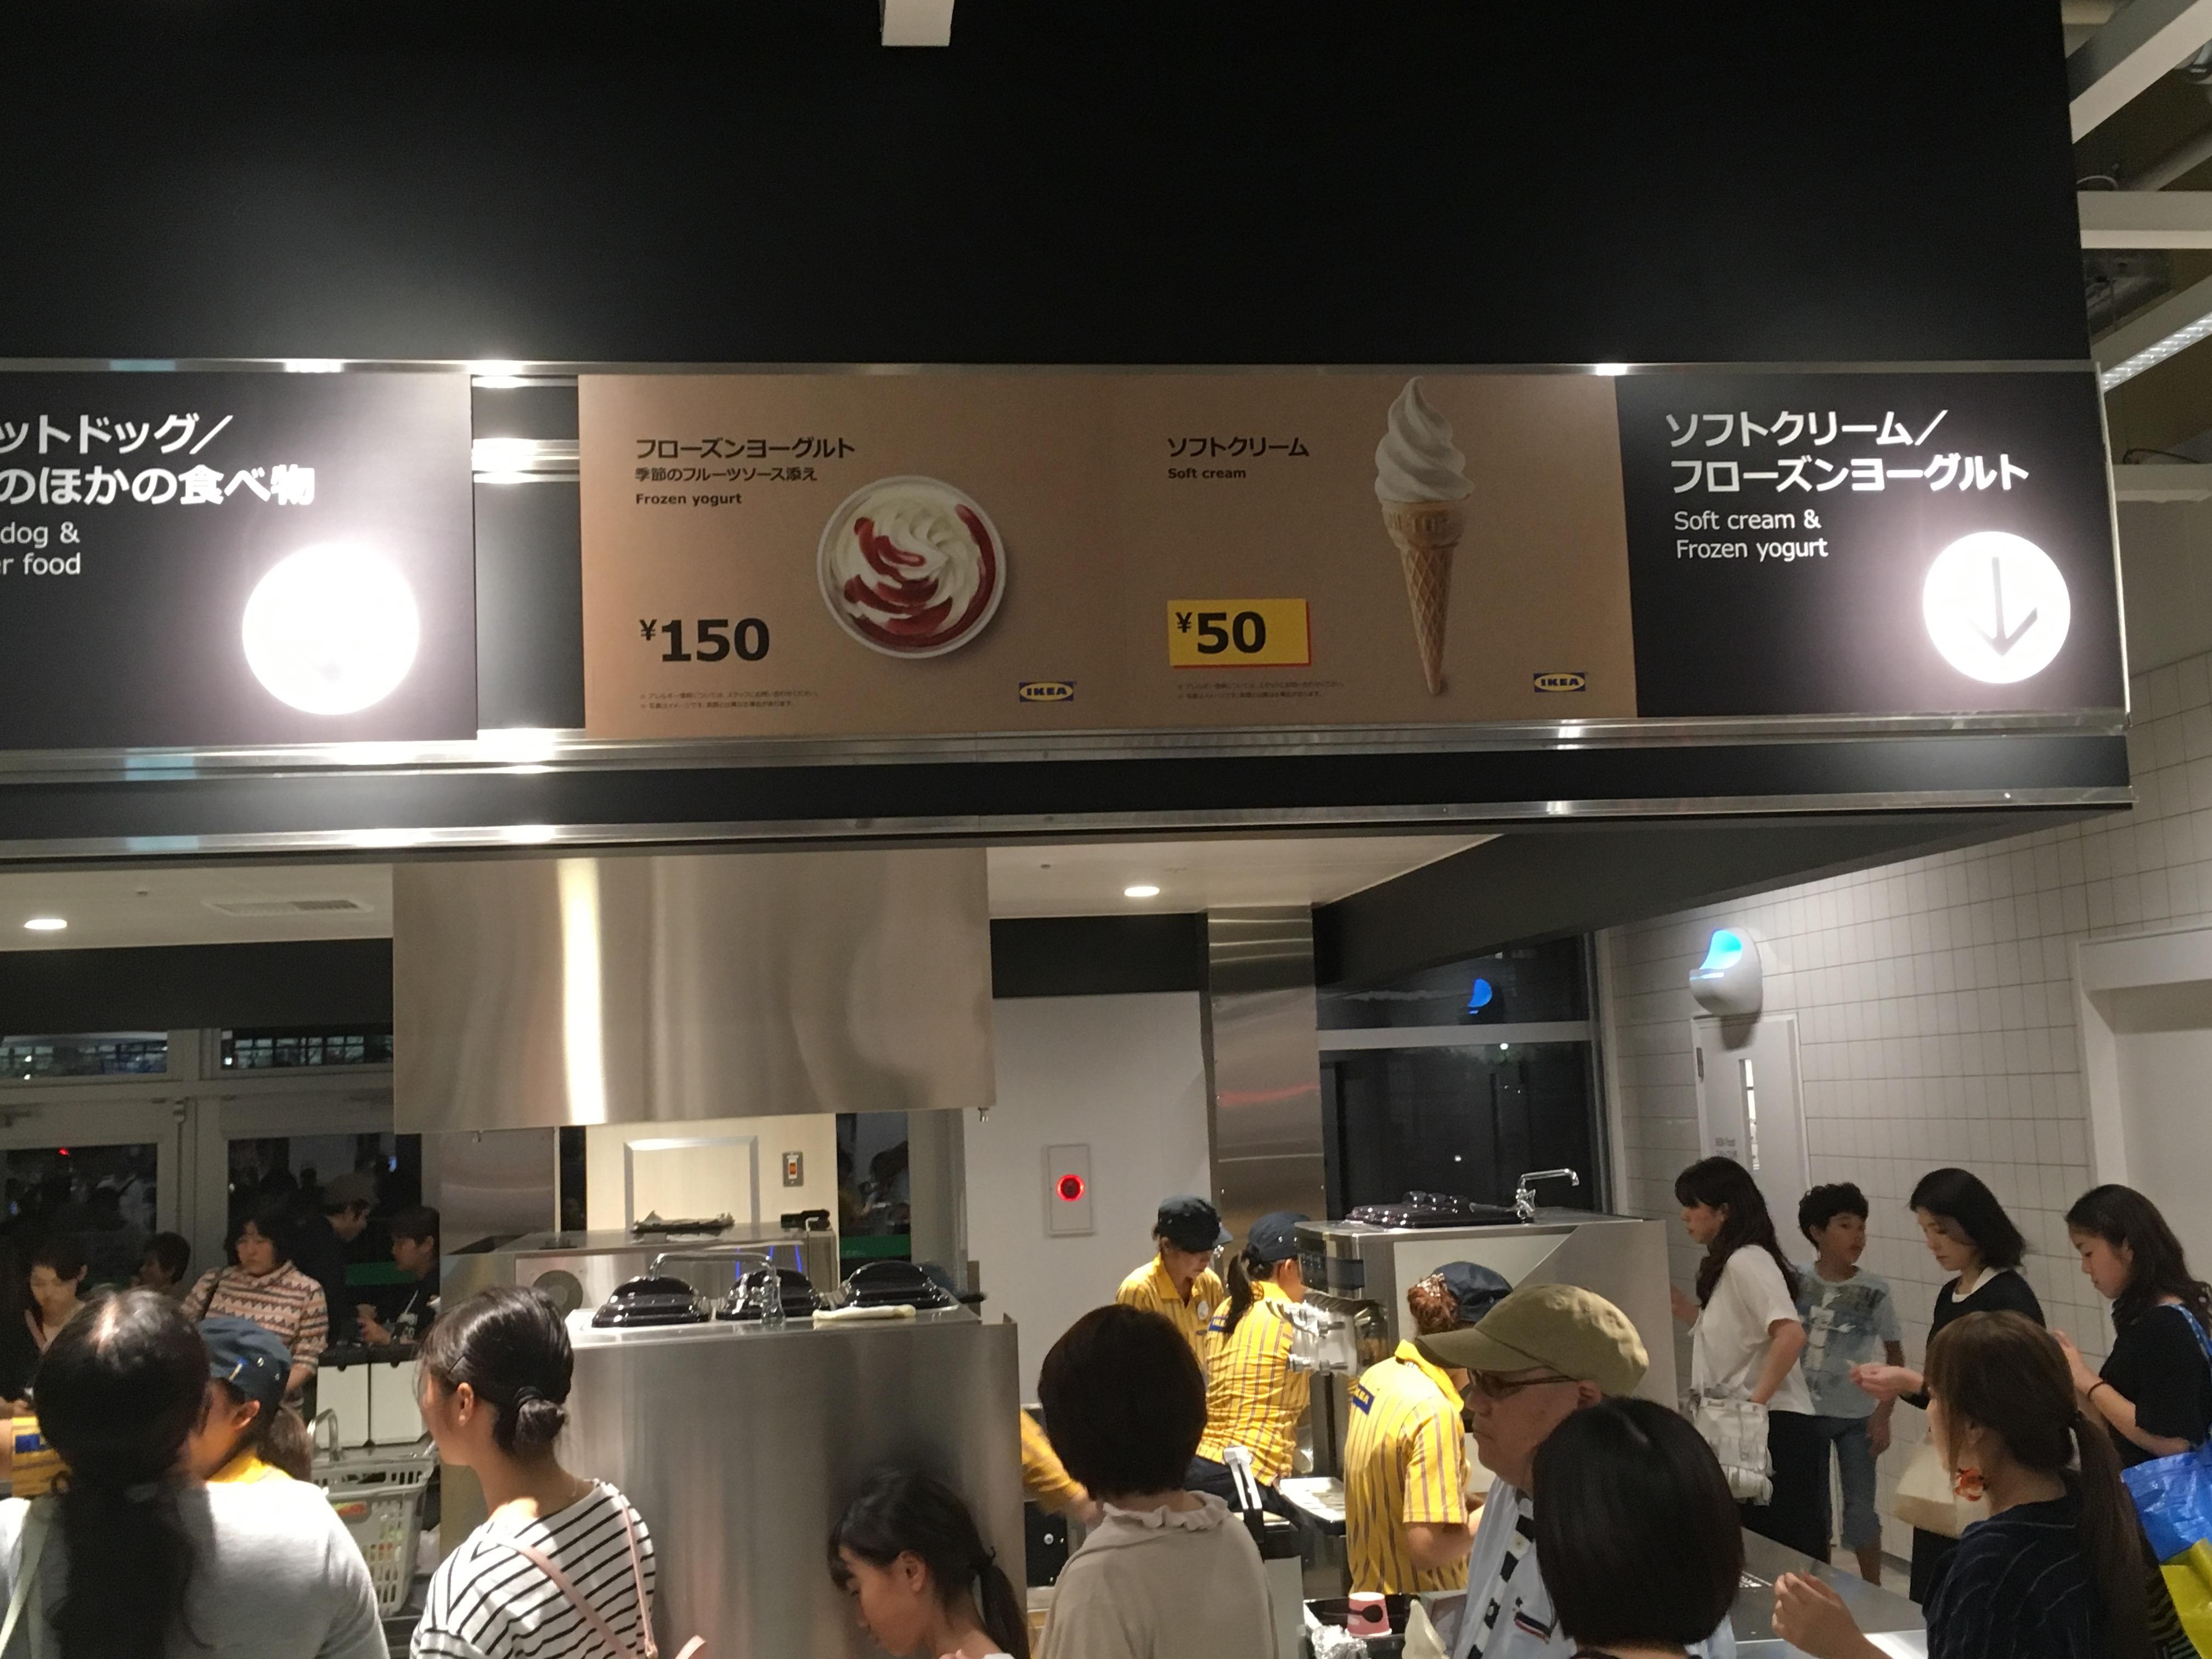 待望の東海地区初進出!ニューオープンのIKEA長久手に行ってきました! - IMG 7705